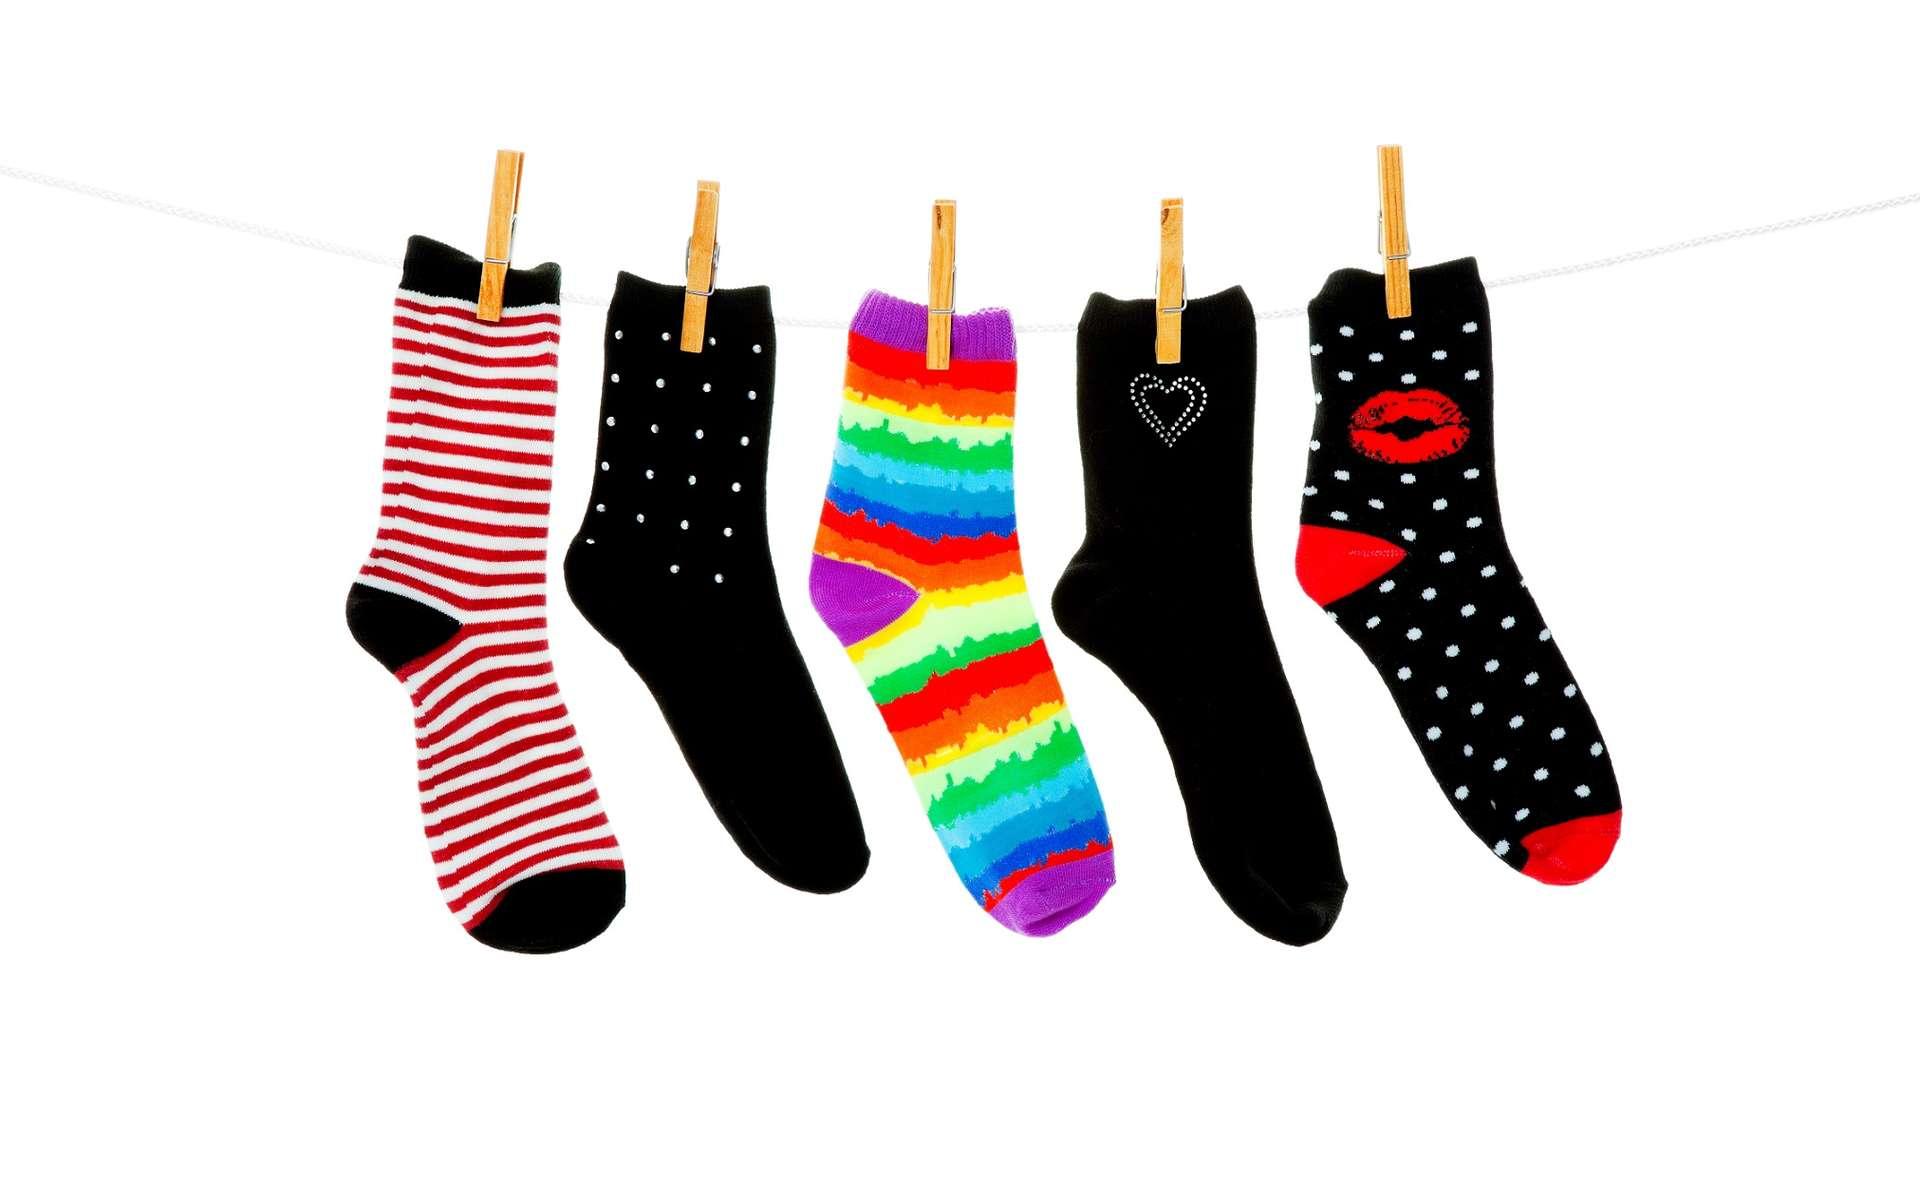 Au fil du temps, les chaussettes dépareillées s'accumulent… Mais où sont passées toutes les autres ? © Brenda Carson, Shutterstock